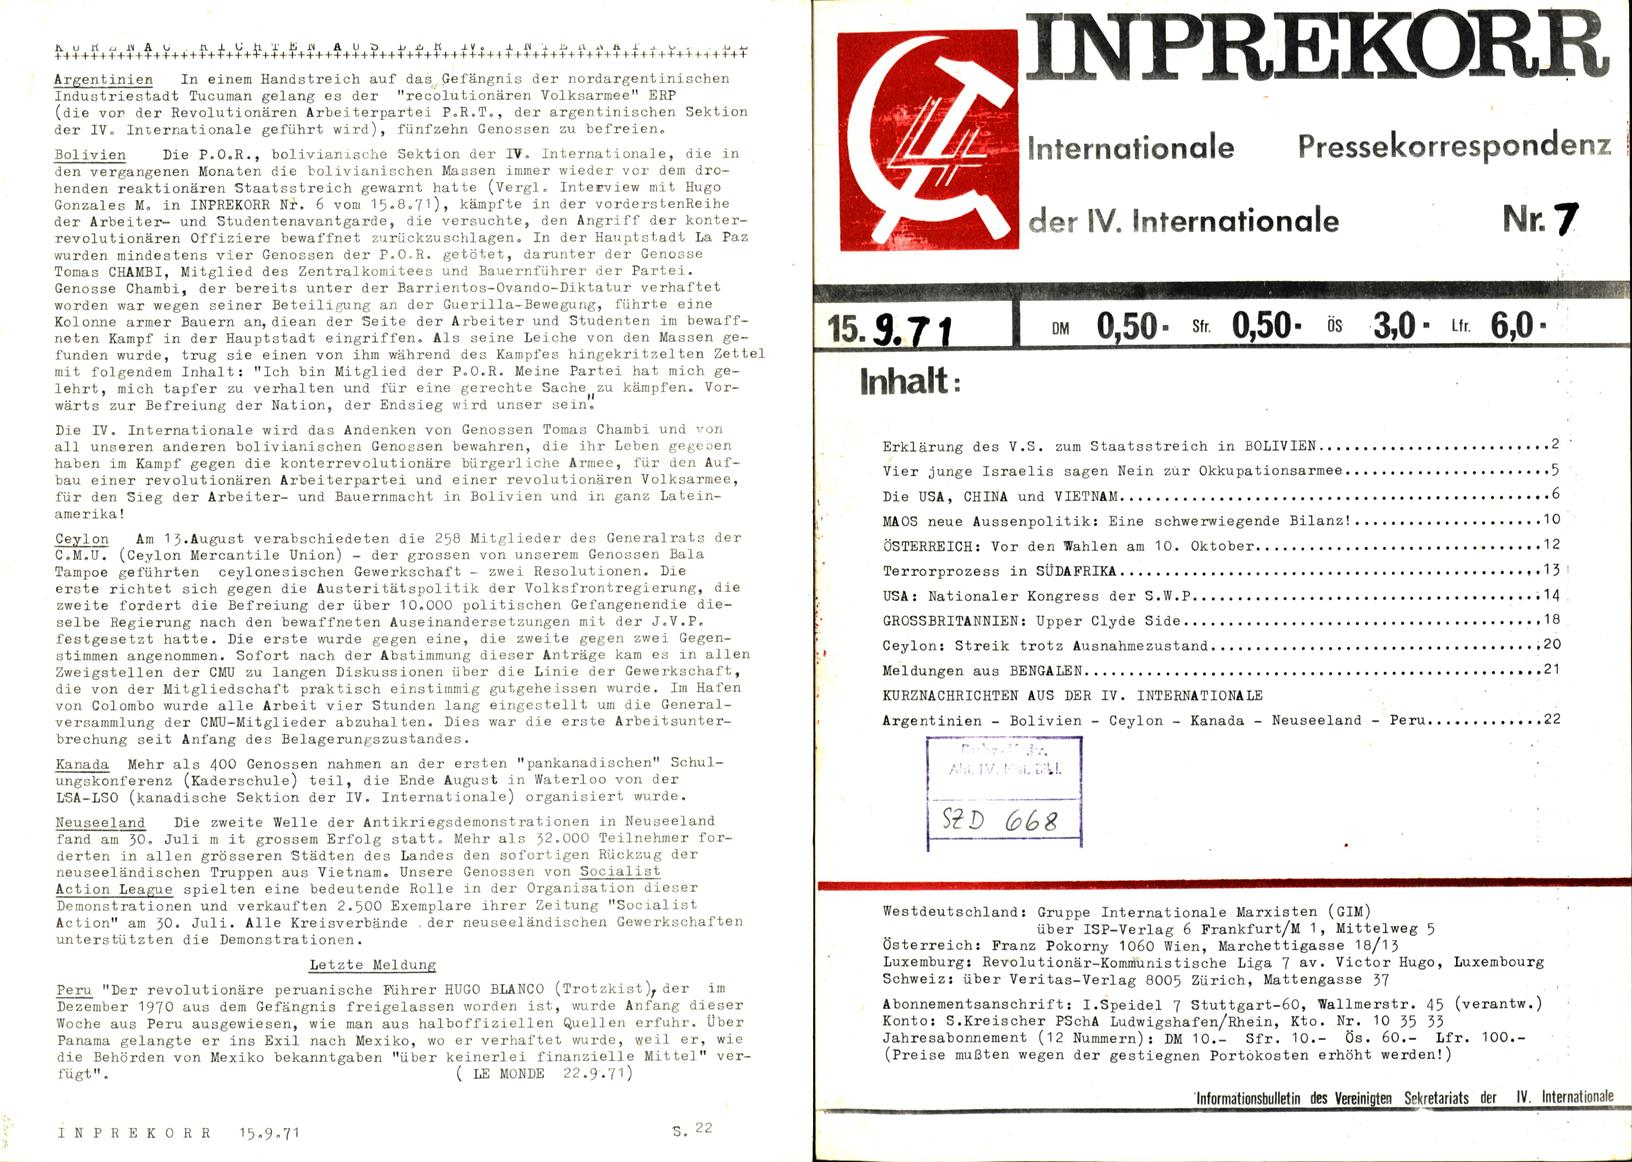 Inprekorr_19710915_007_001